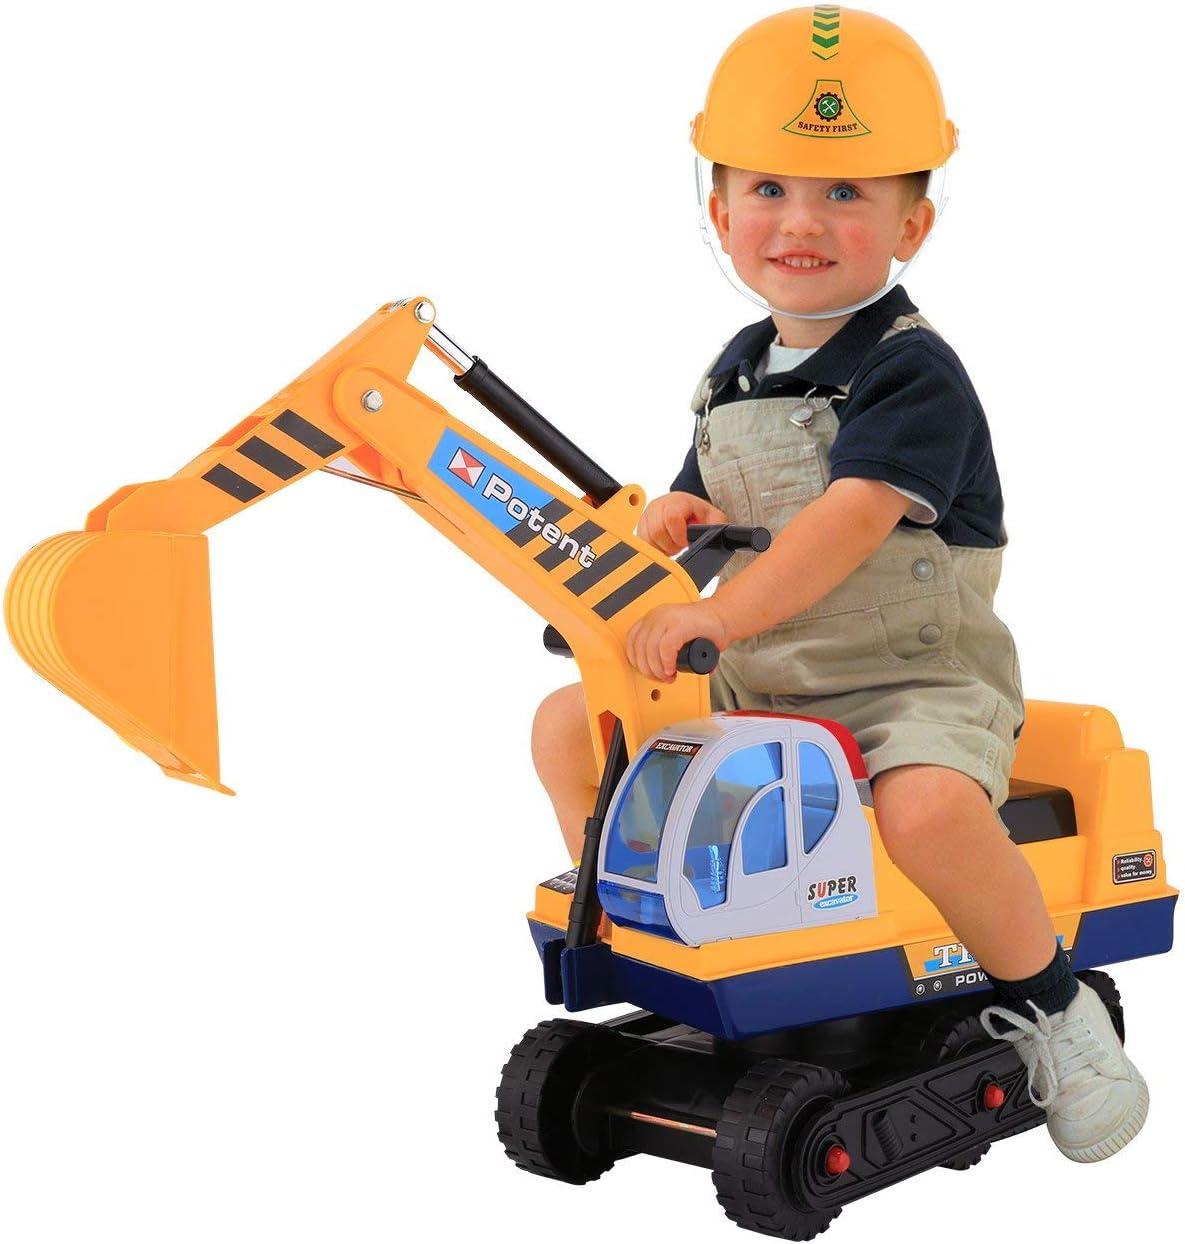 Profun Excavadora de Juguete con Asiento con Casco para Jugar con Arena con 2 Garras de Brazo Largo en la Playa en Casa para Niños, Color Amarillo